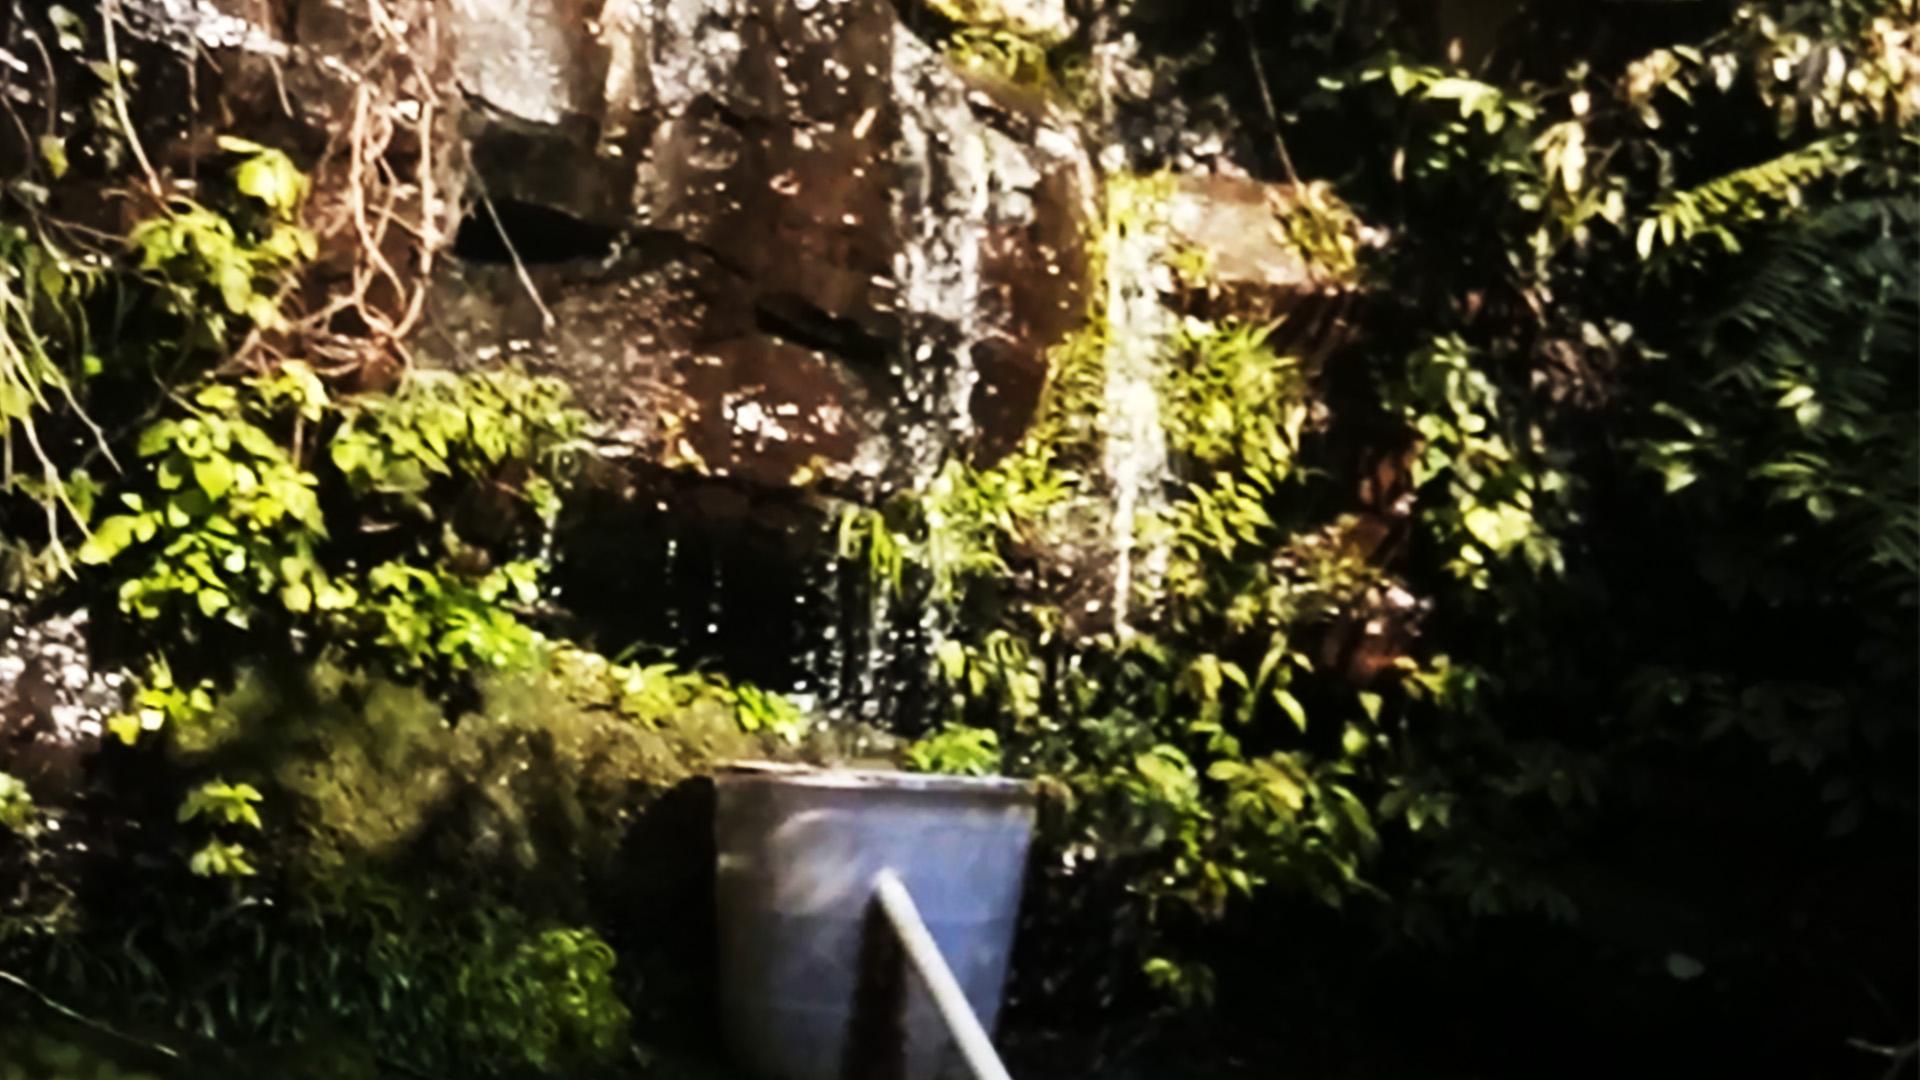 打井找水源,什么方法更科学,这里有口诀